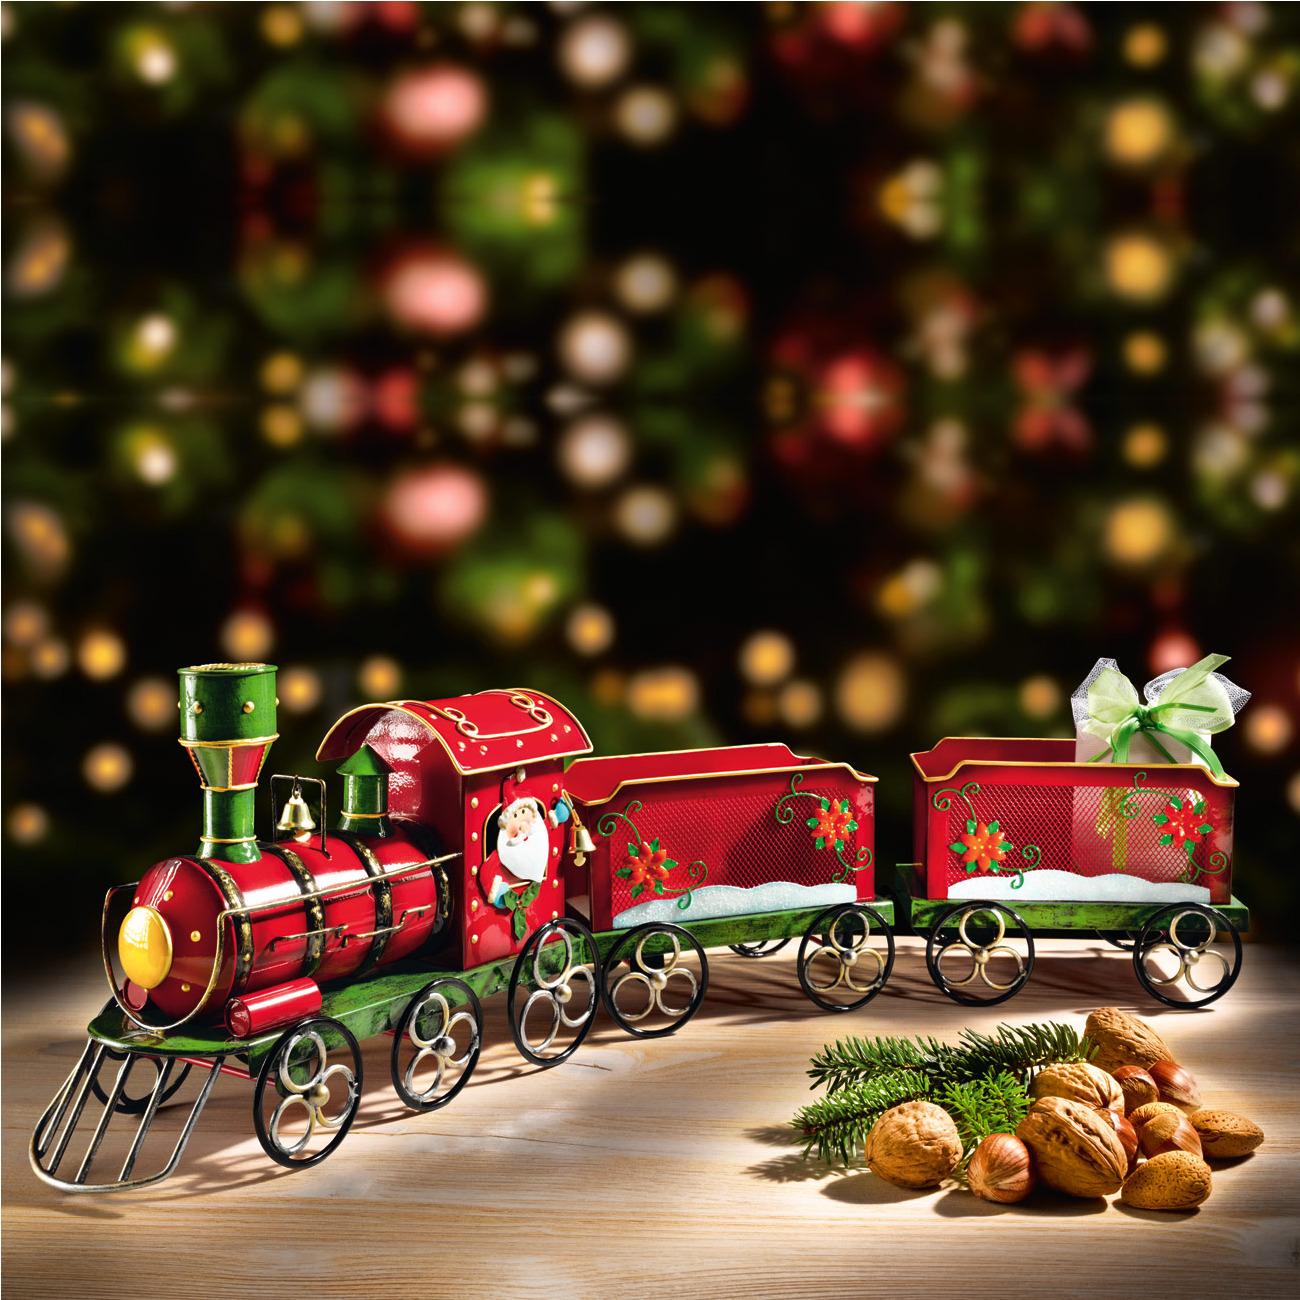 #B11A25 Petit Train Du Père Noël Garantie Produit De 3 Ans 6083 decoration de noel train electrique 1300x1300 px @ aertt.com